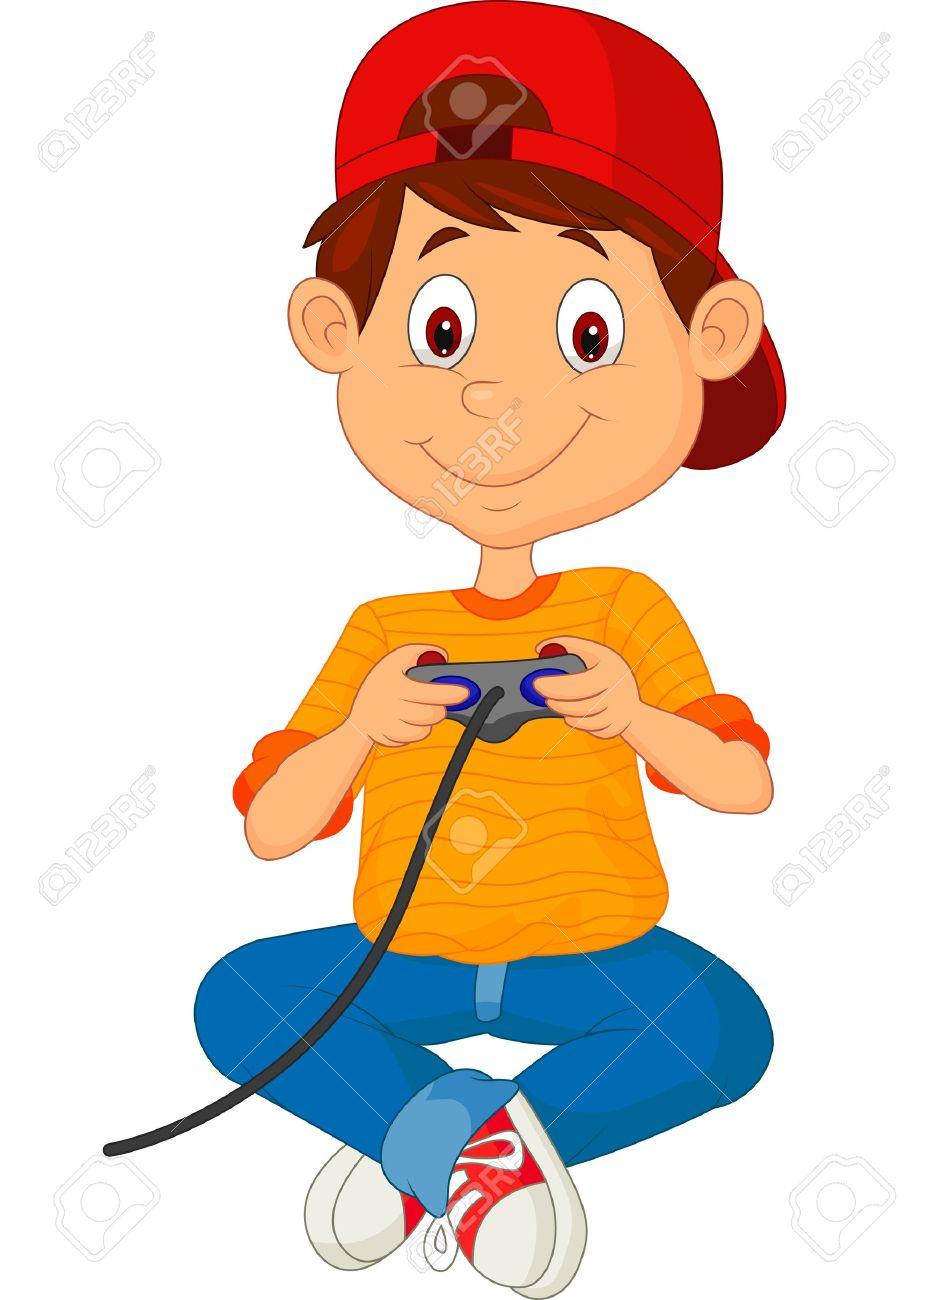 Dessin Animé Enfant Joue À Des Jeux Sur Le Joystick dedans Jeux Enfant Dessin